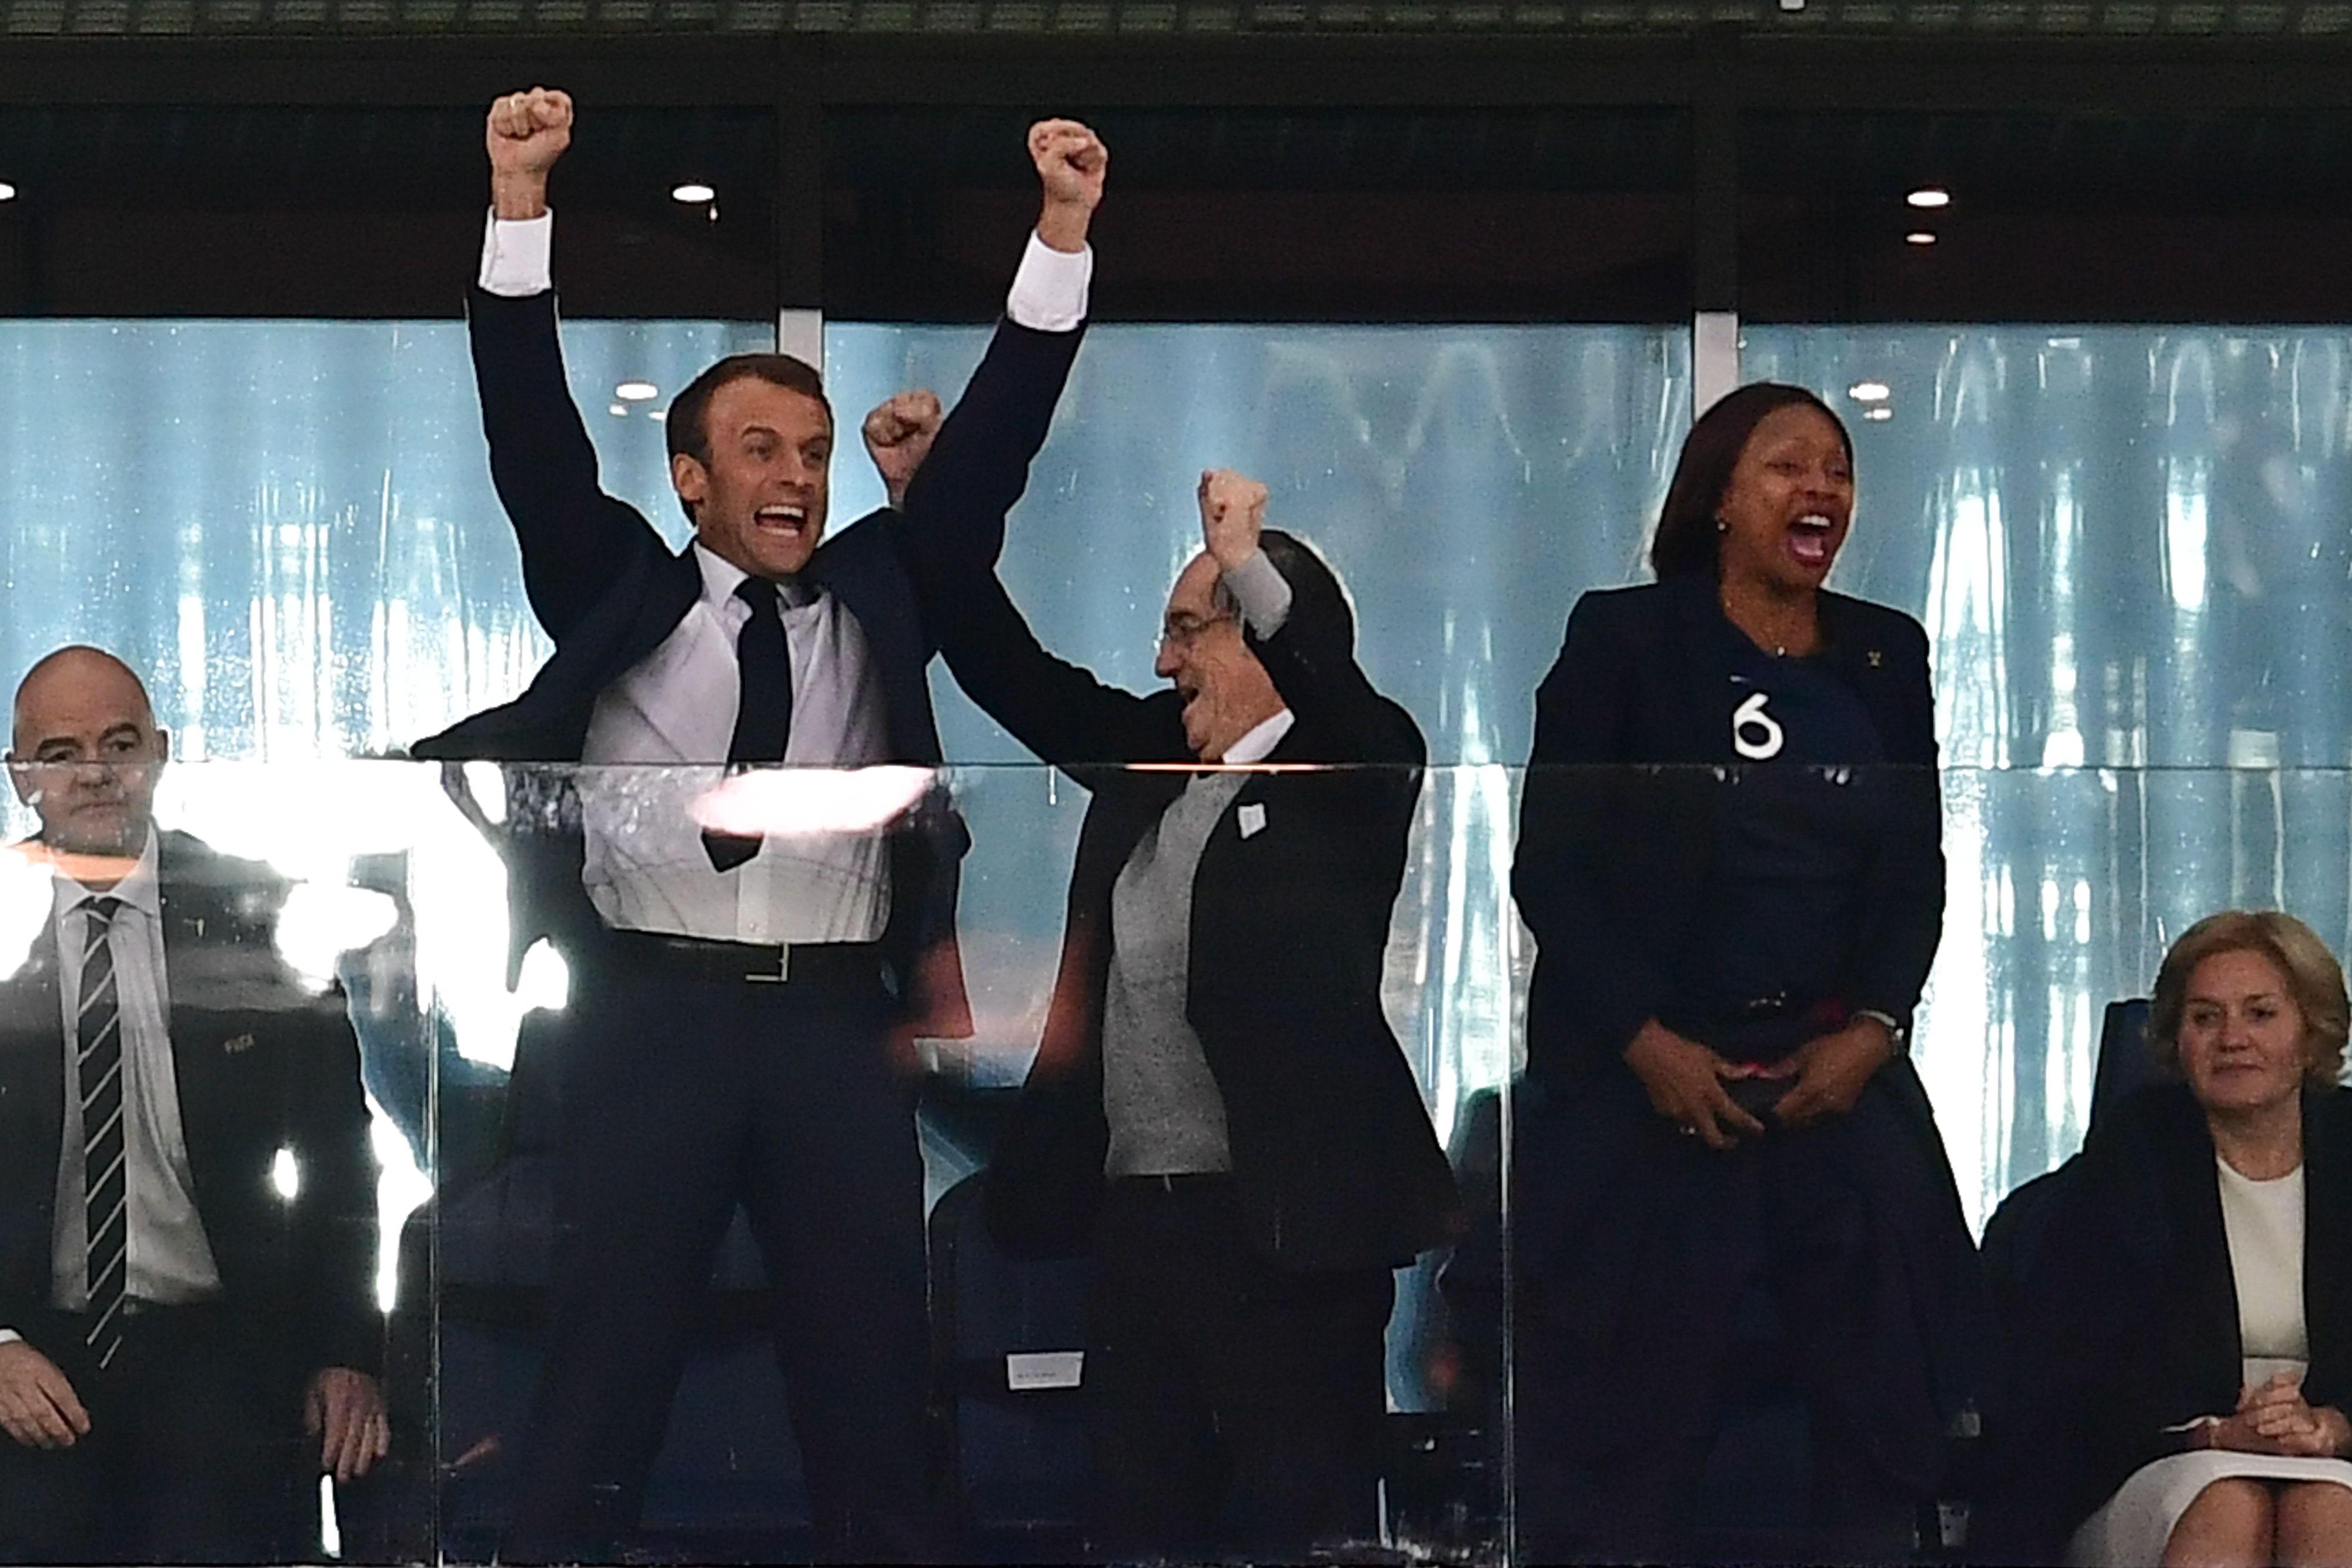 الرئيس الفرنسى يقفز فرحا بعد تأهل منتخب بلاده إلى نهائى كأس العالم